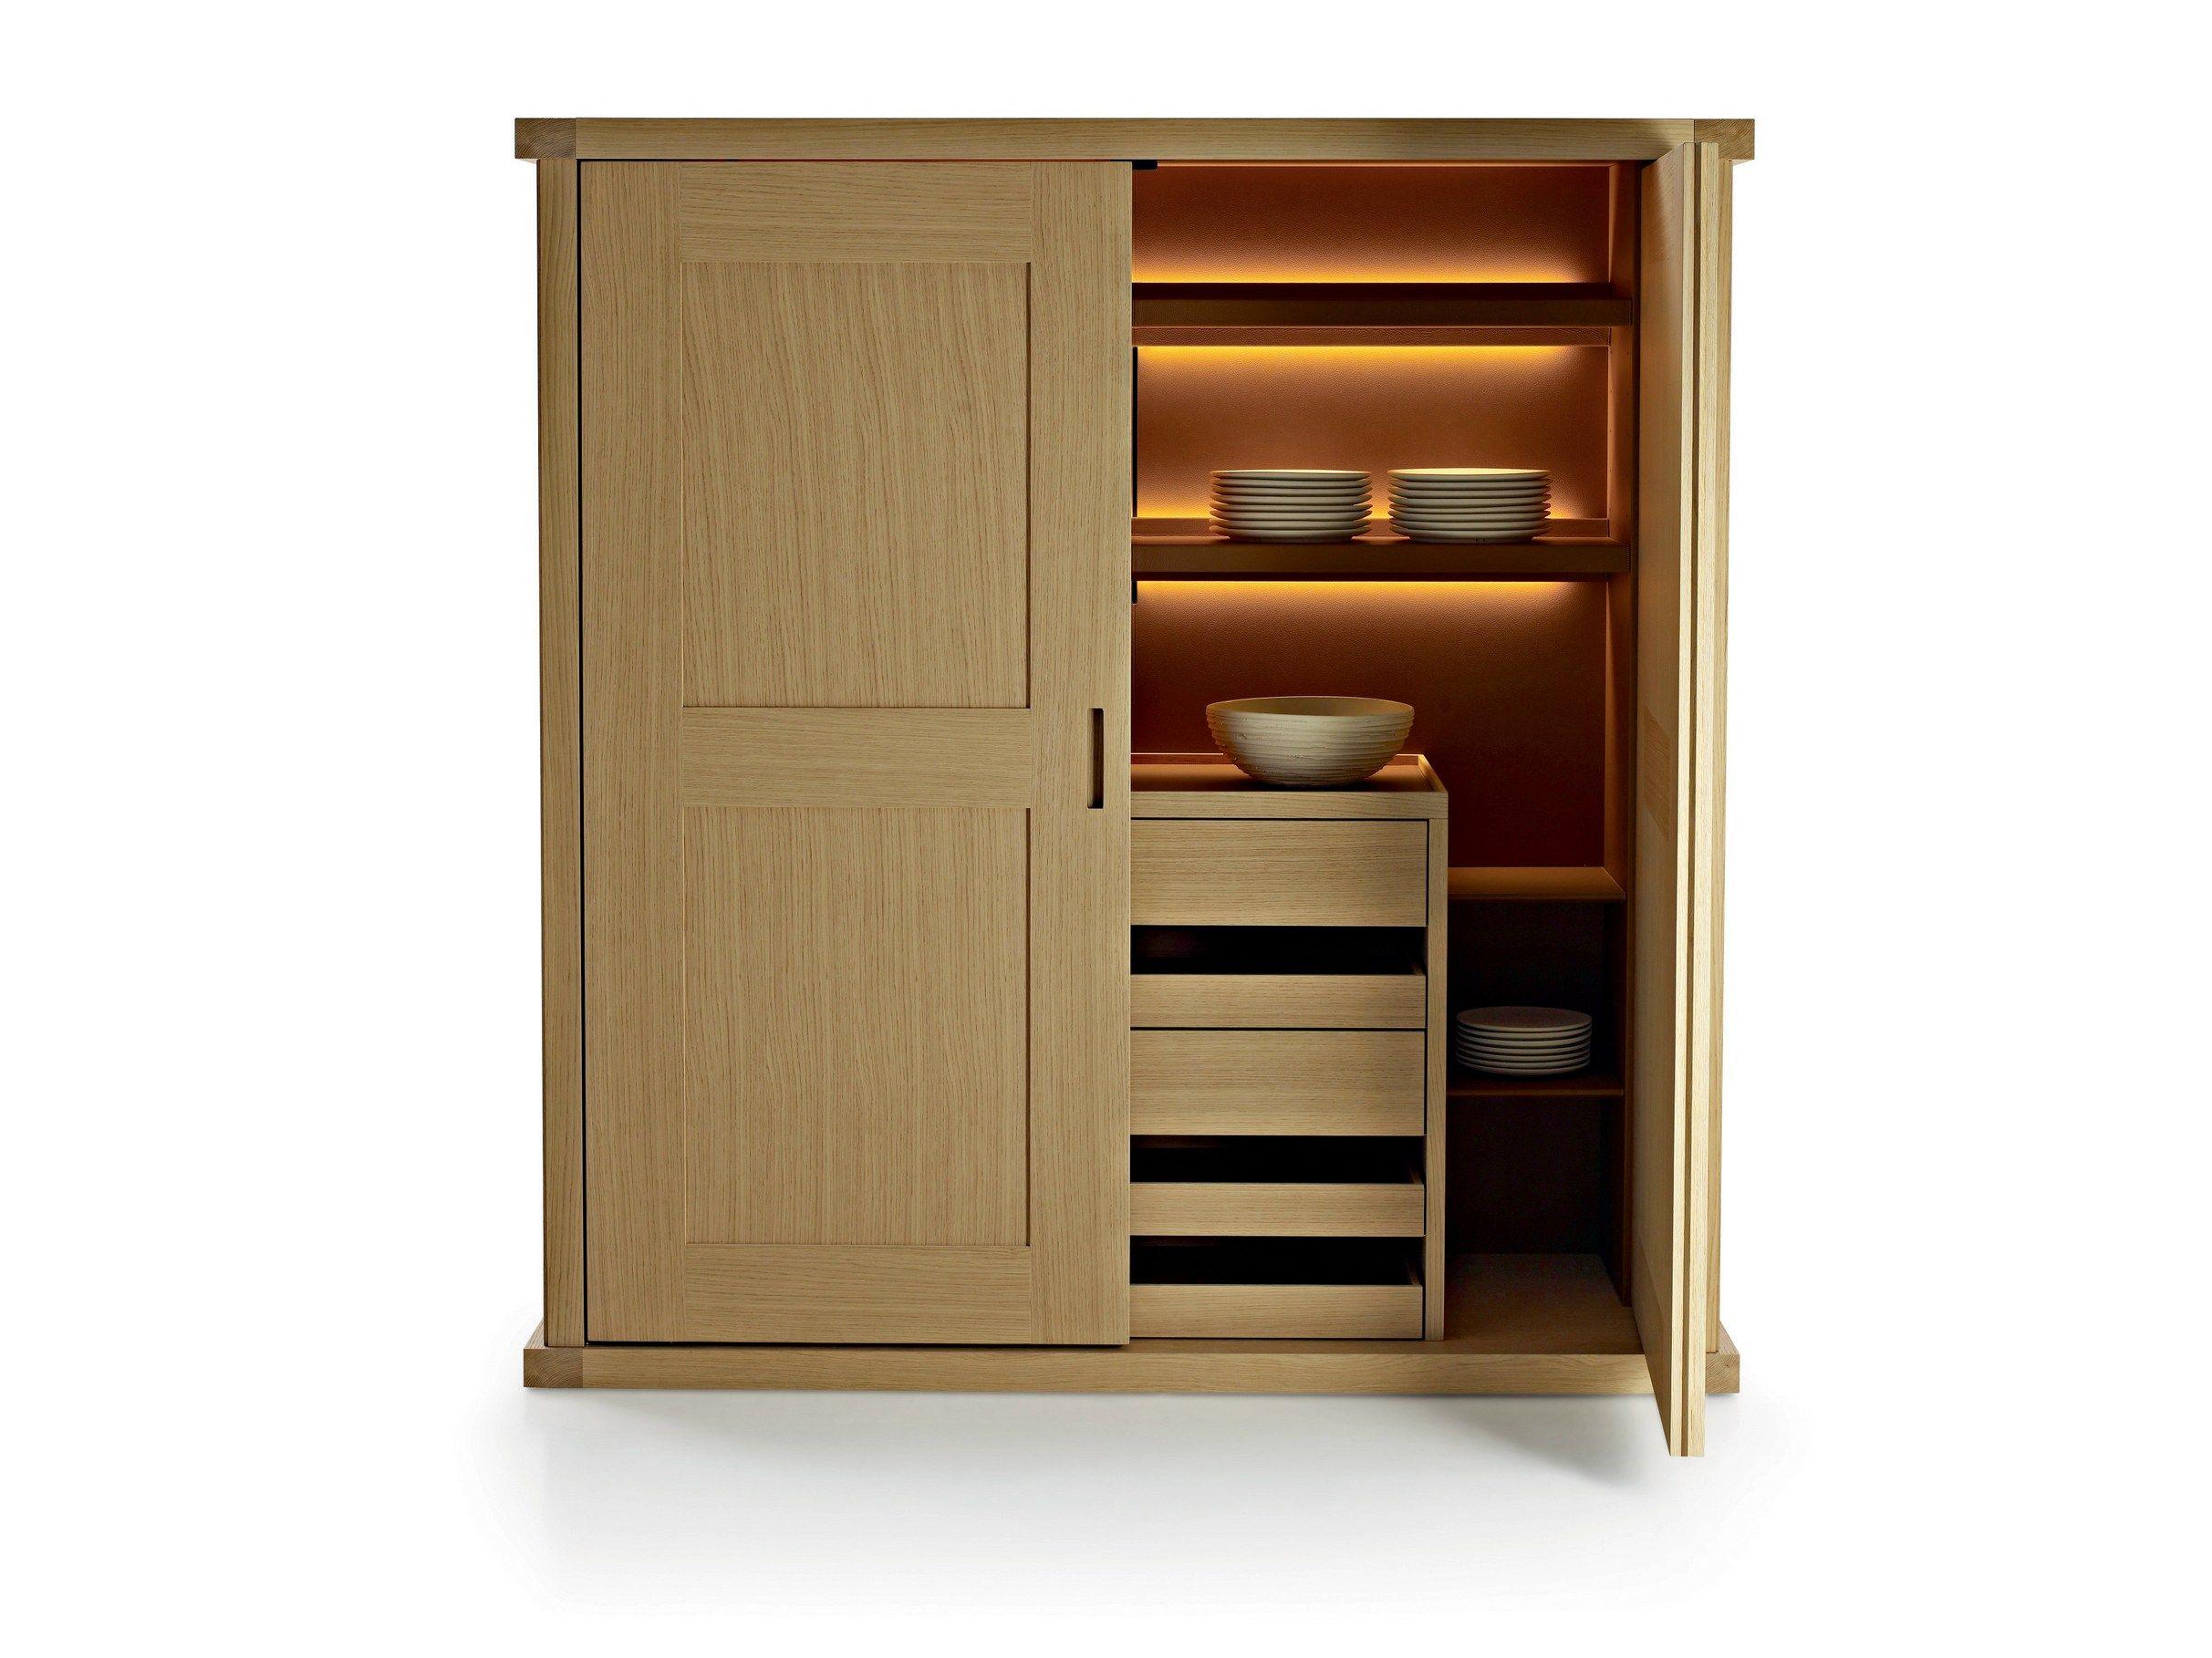 Credenza in legno con cassetti convivium by maxalto a for Maxalto mobili